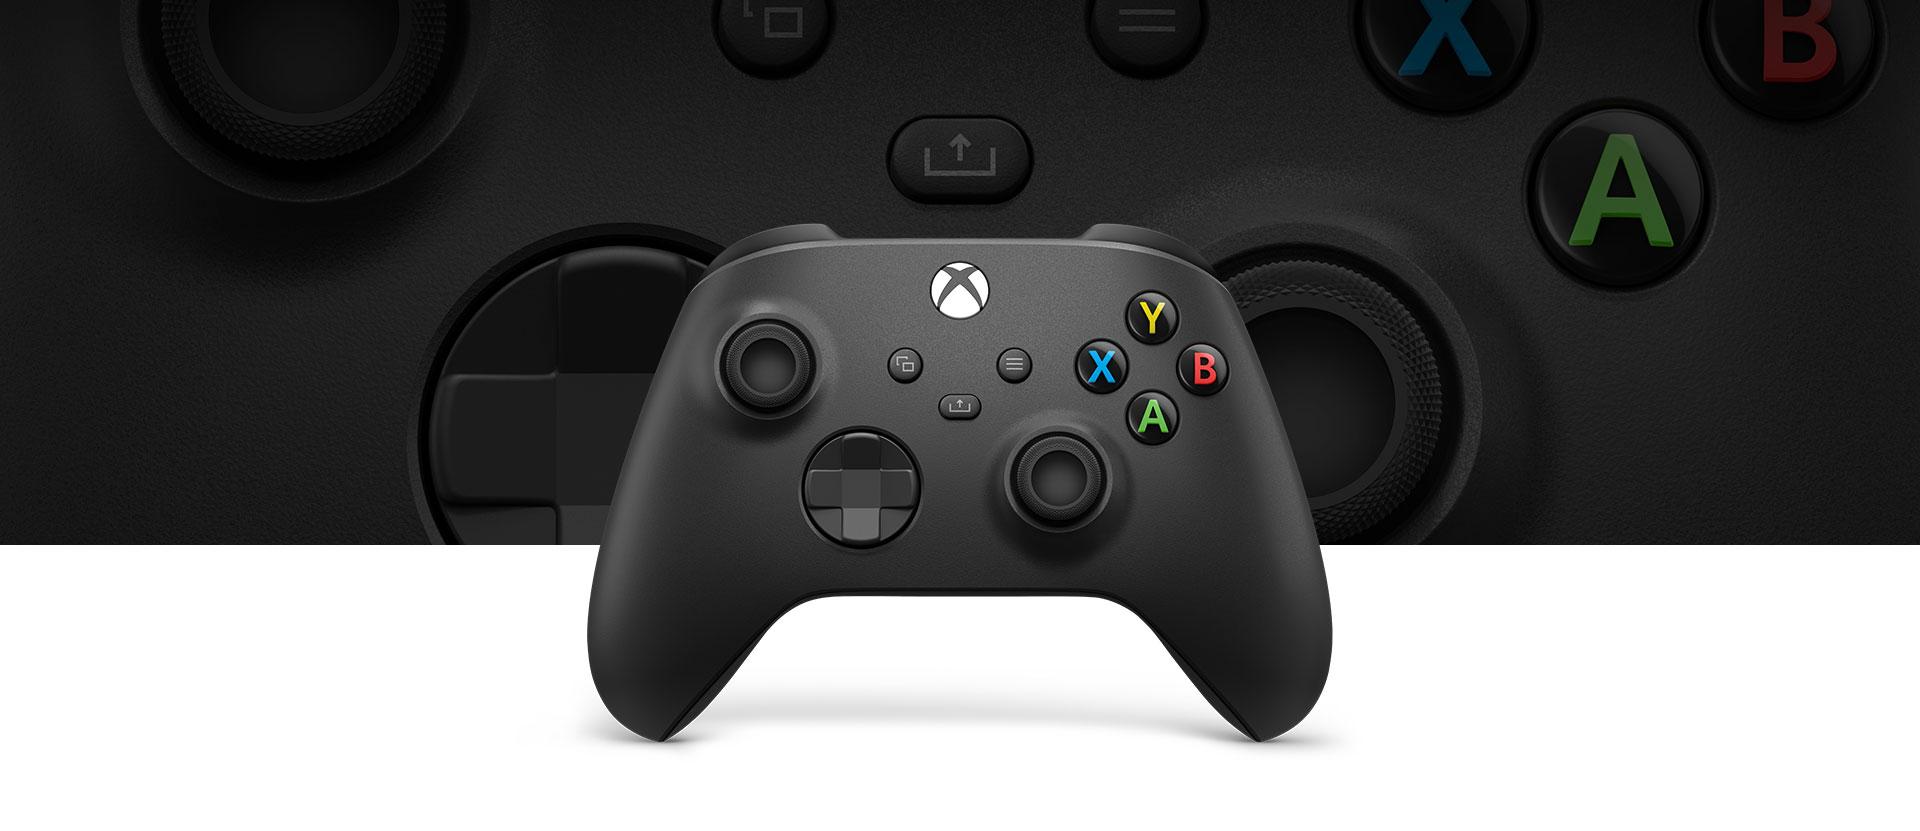 Controle Xbox Carbon Black à frente